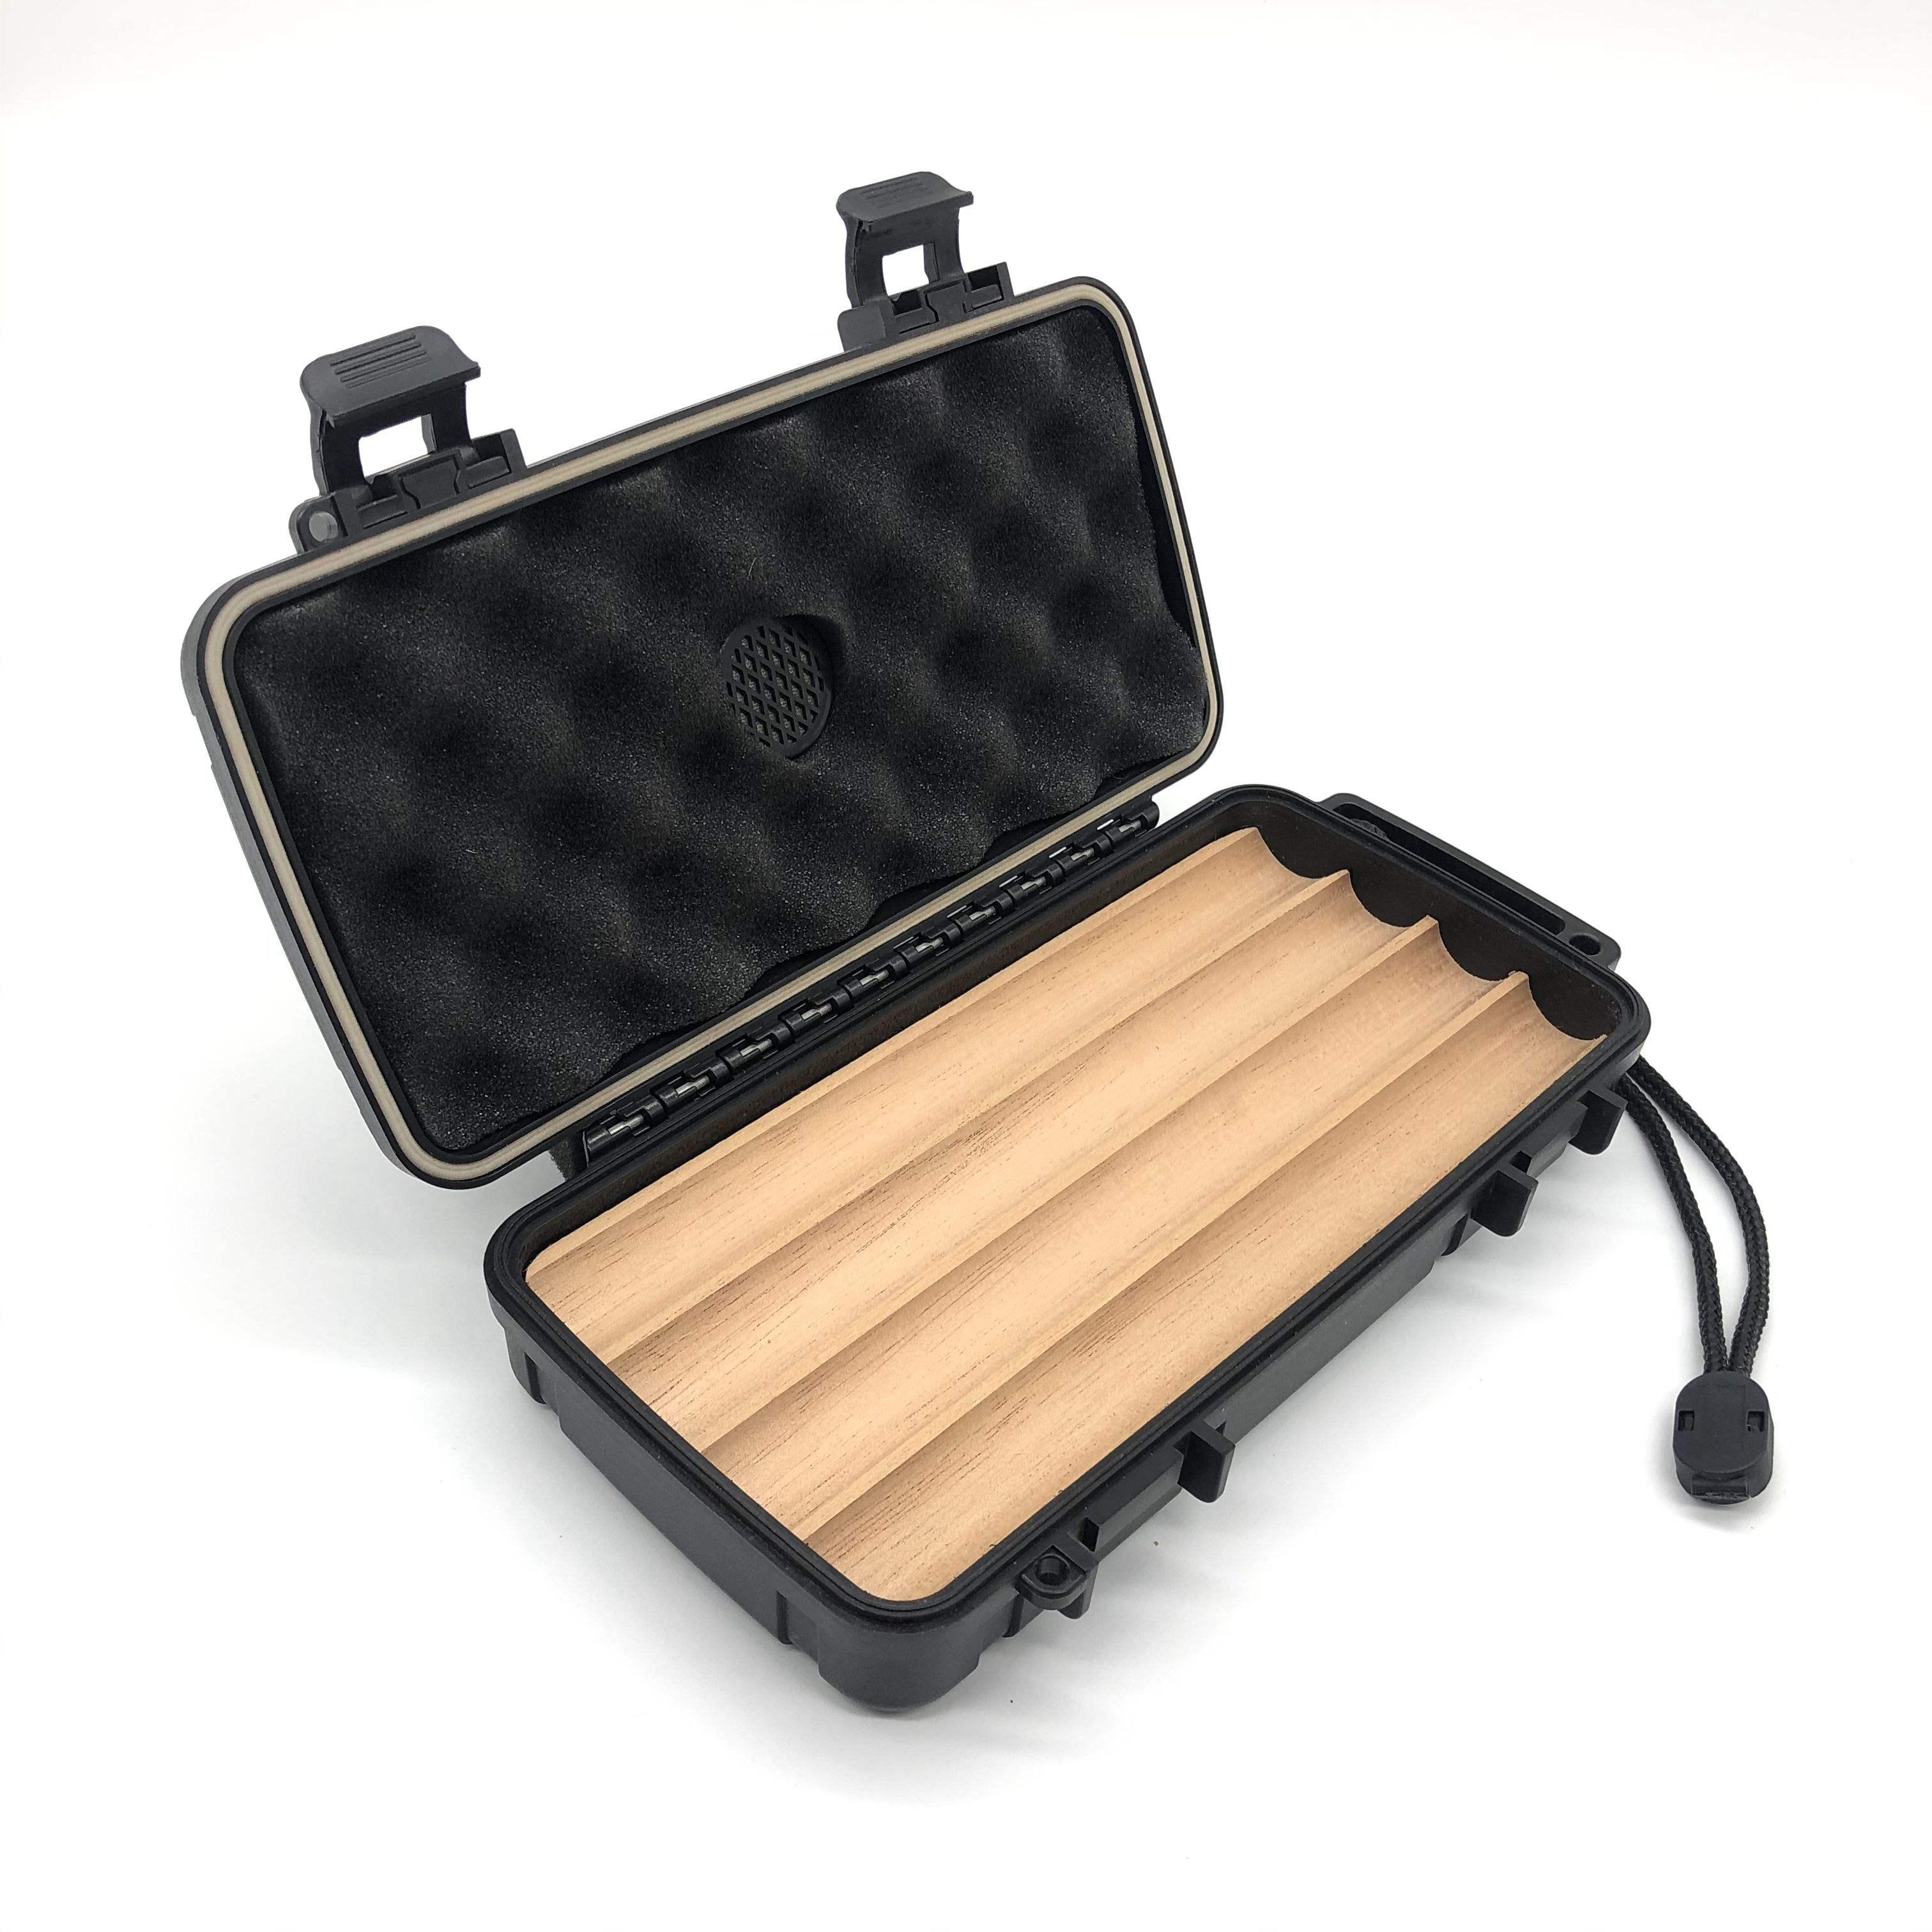 Cohiba сигареты купить оптом купить основу для электронных сигарет в москве с доставкой